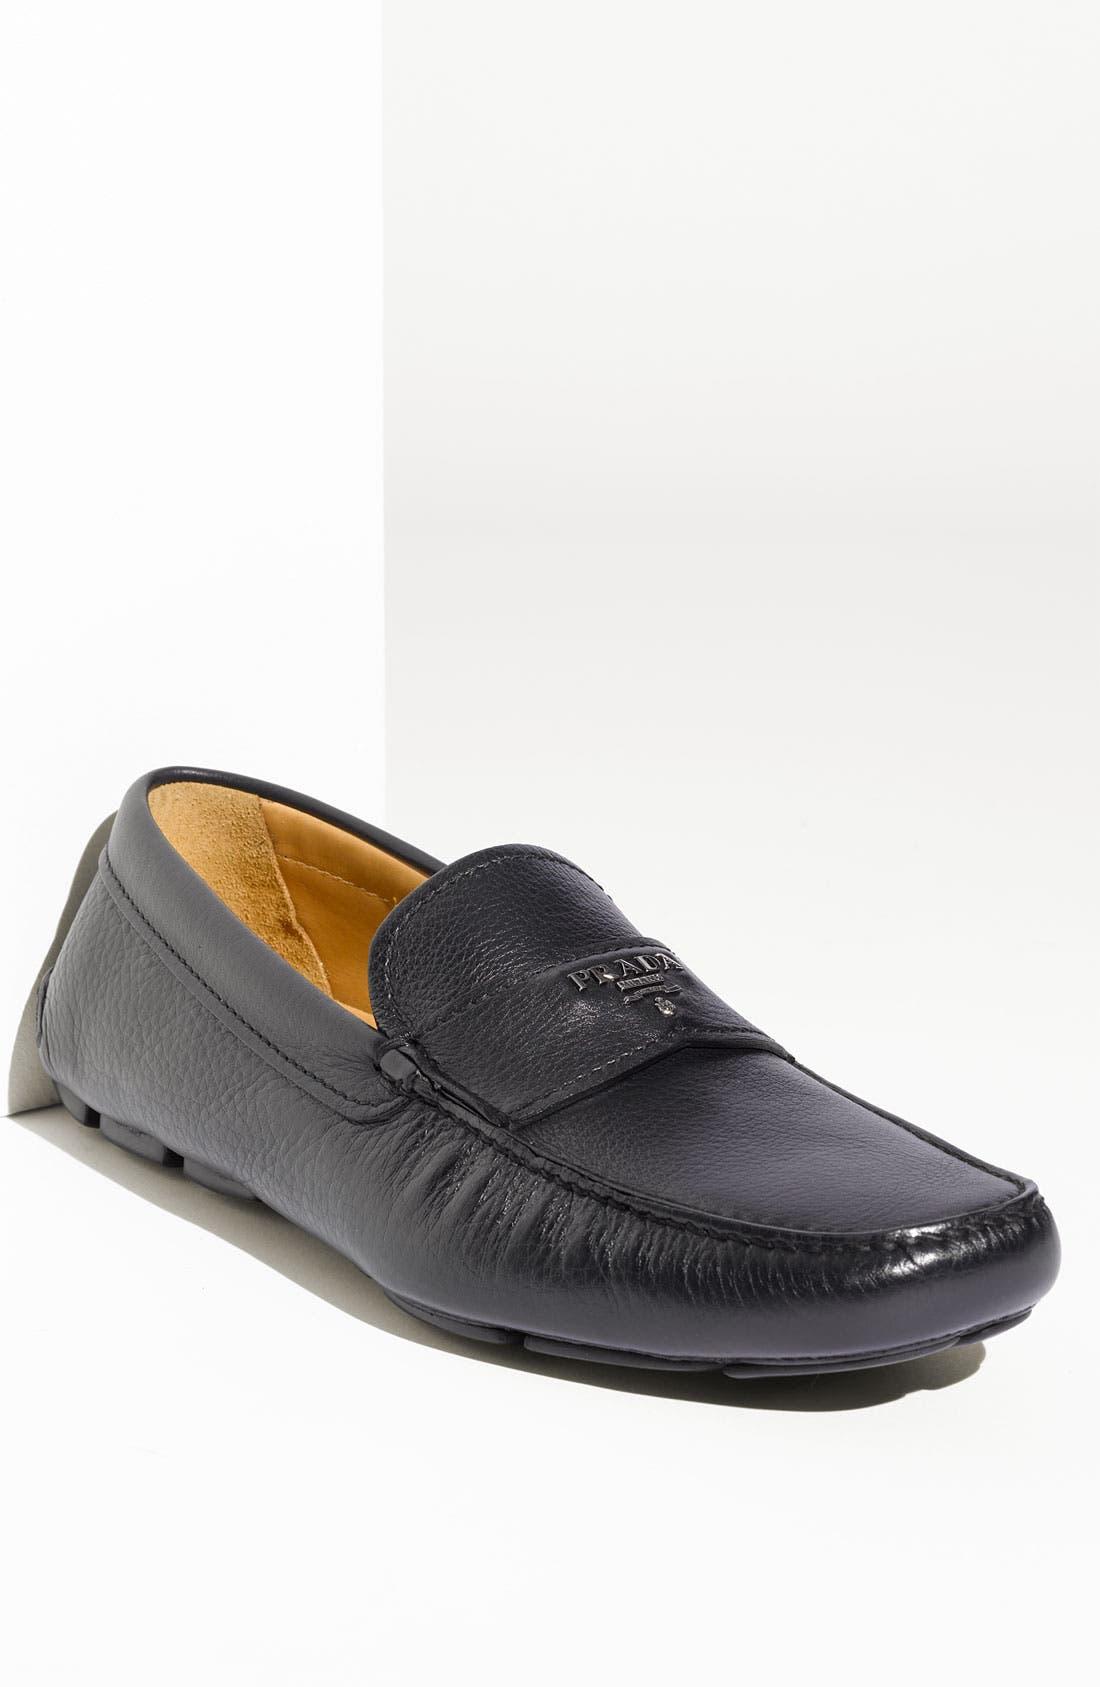 Alternate Image 1 Selected - Prada Driving Shoe (Men)